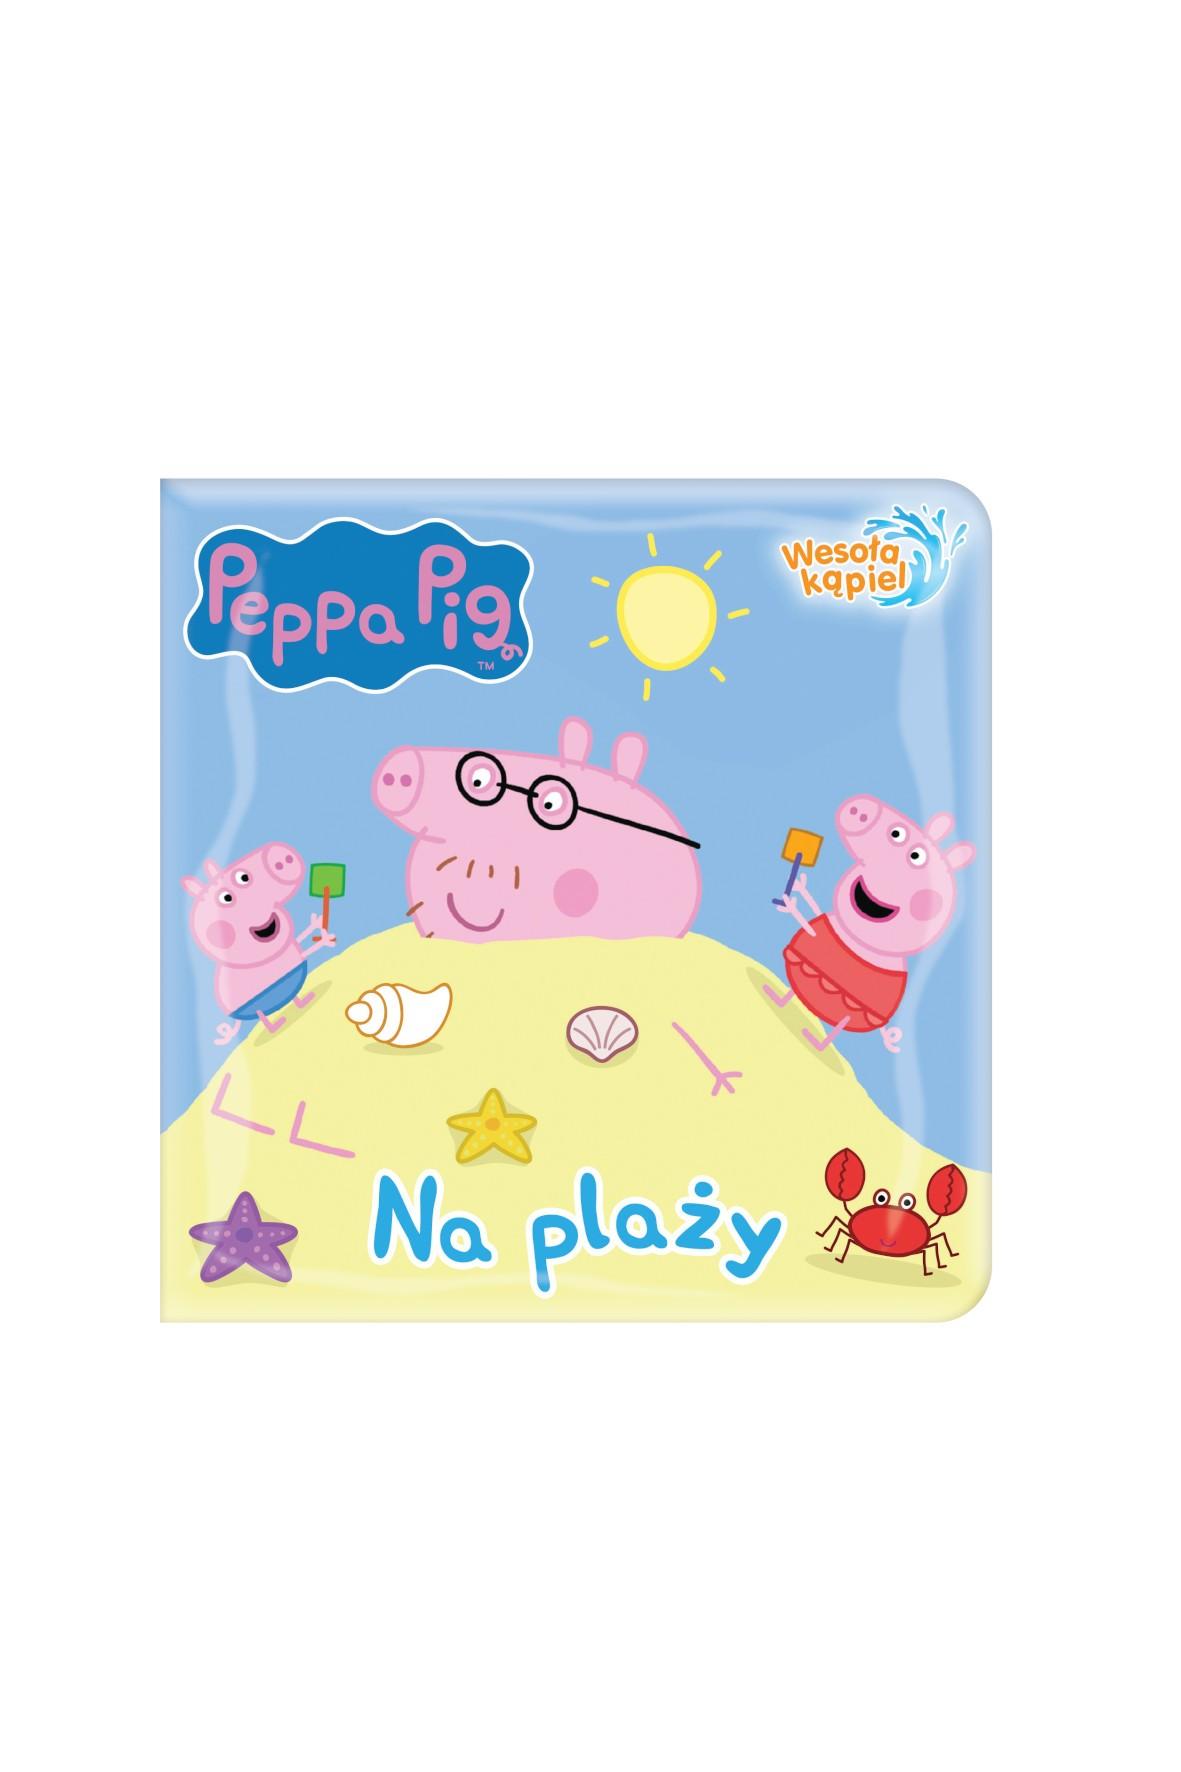 Peppa Pig. Wesoła kąpiel. Na plaży